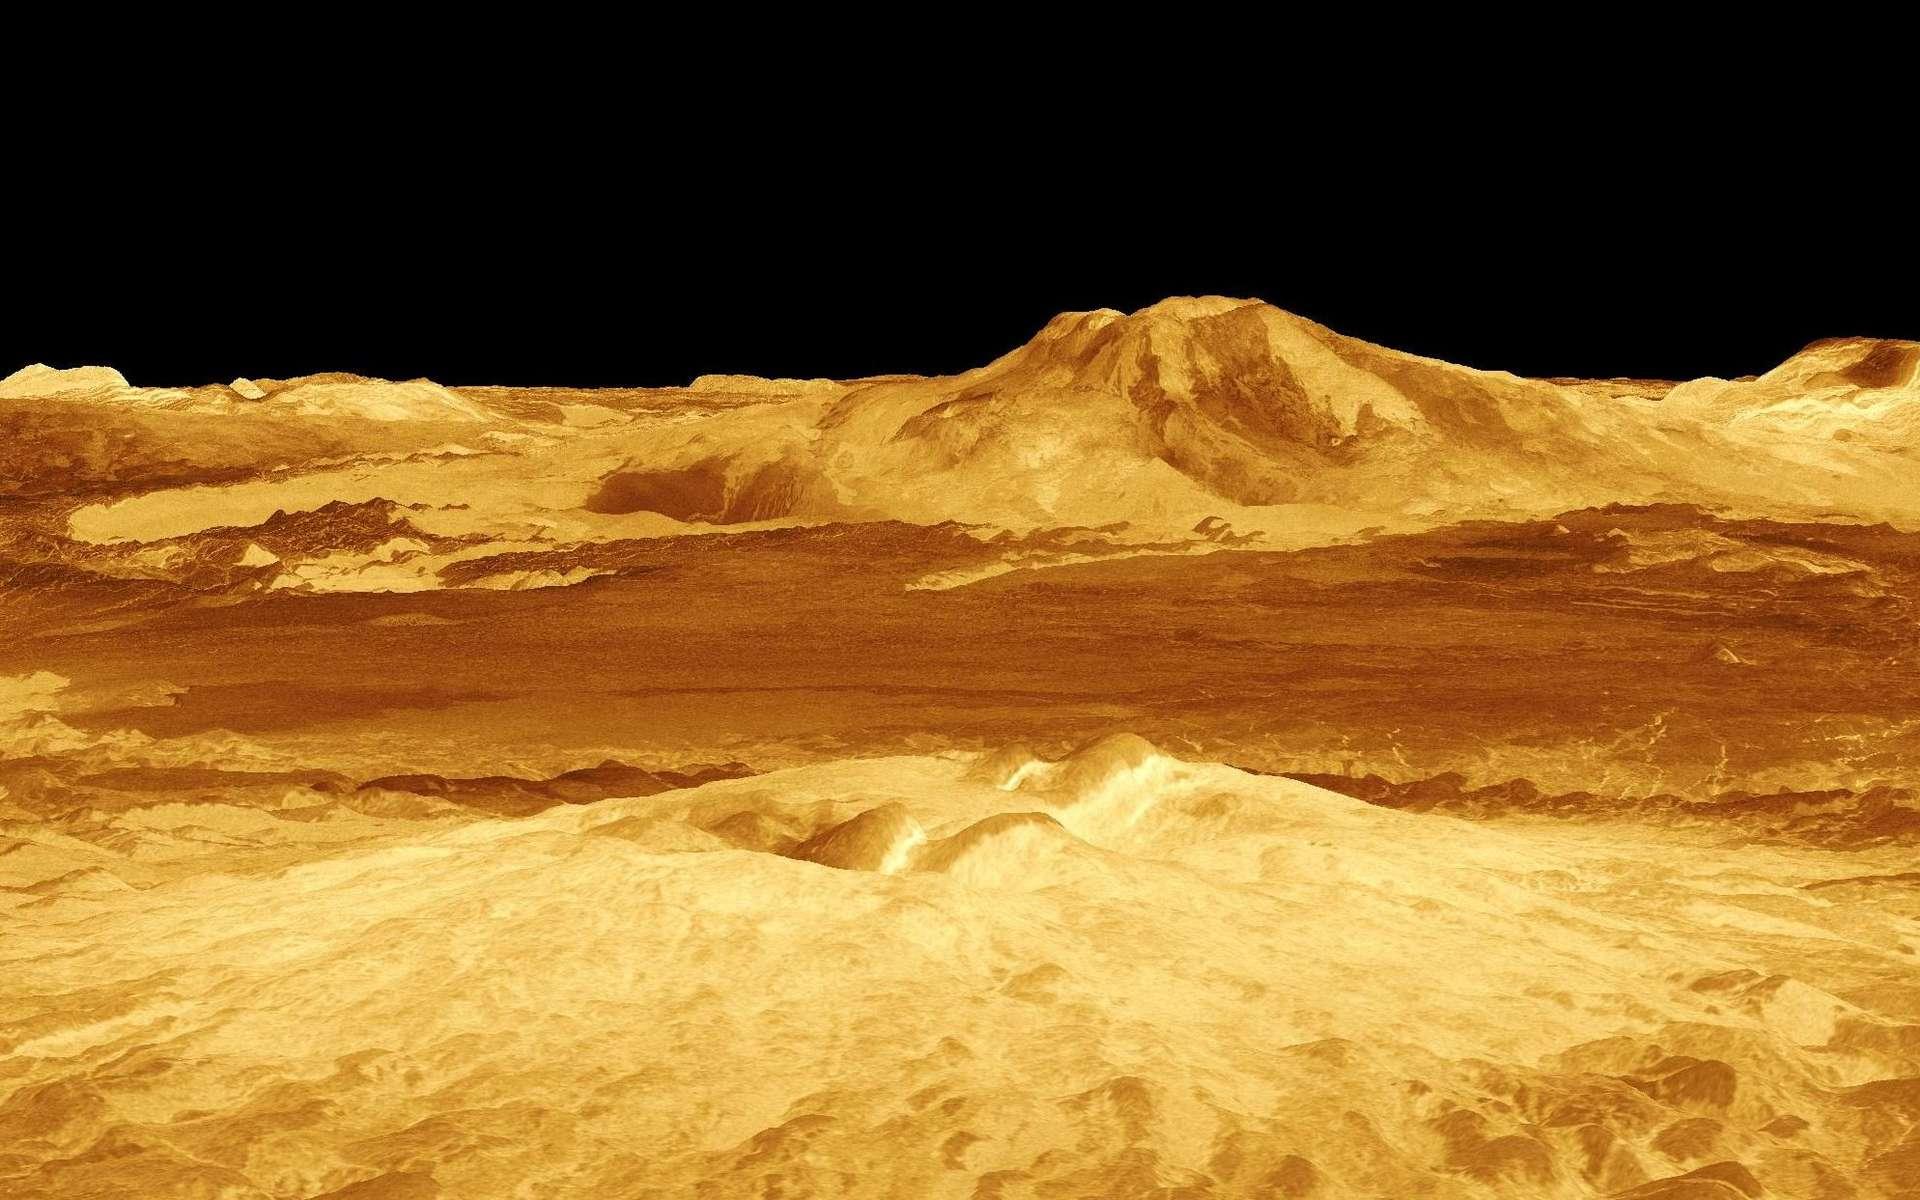 Cette image a été obtenue à partir des données radar de la sonde Magellan qui a observé et cartographieé la surface de Vénus durant 4 ans (d'août 1990 à octobre 1994). Les observations de Magellan ont permis d'établir que la surface de Vénus est globalement jeune, avec un âge moyen de quelques centaines de millions d'années tout au plus. En effet, on n'y observe que peu de cratères d'impact. On constate aussi que la surface est caractérisée par un volcanisme important, puisque toute la surface de Vénus est constituée de volcans, de coulées, de caldeiras et de dômes. Mais, au cours des 4 années qu'ont duré les observations au radar de Magellan, ni panaches de cendres ni modifications notables de la surface de Vénus n'ont été détectés. Il y avait donc un débat sur la réalité d'une activité actuelle ou récente du volcanisme sur Vénus. © Nasa